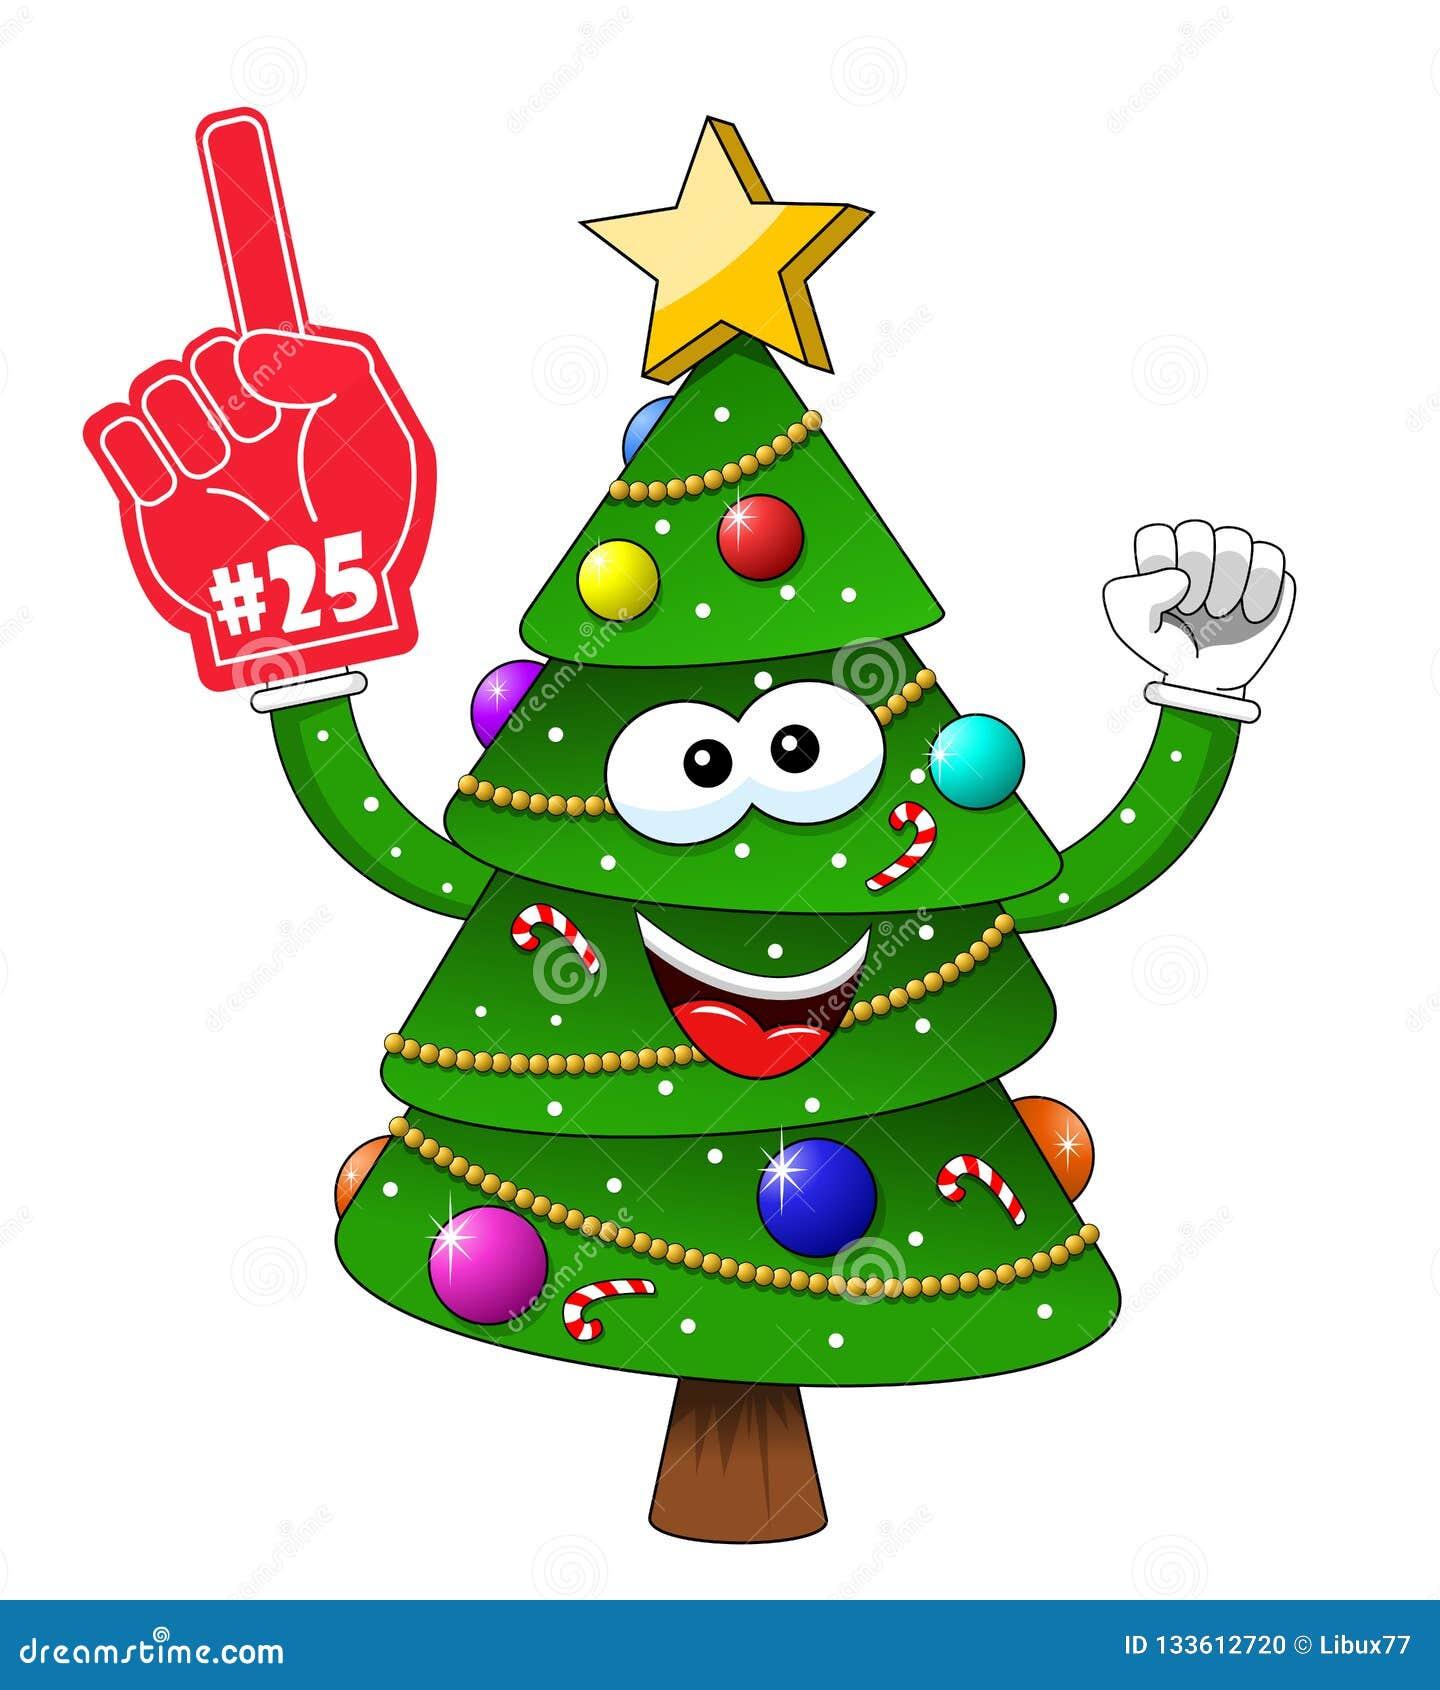 Ενθουσιώδης αριθμός 25 χριστουγεννιάτικων δέντρων Χριστουγέννων κινούμενων σχεδίων ανεμιστήρας υποστηρικτών γαντιών που απομονώνε